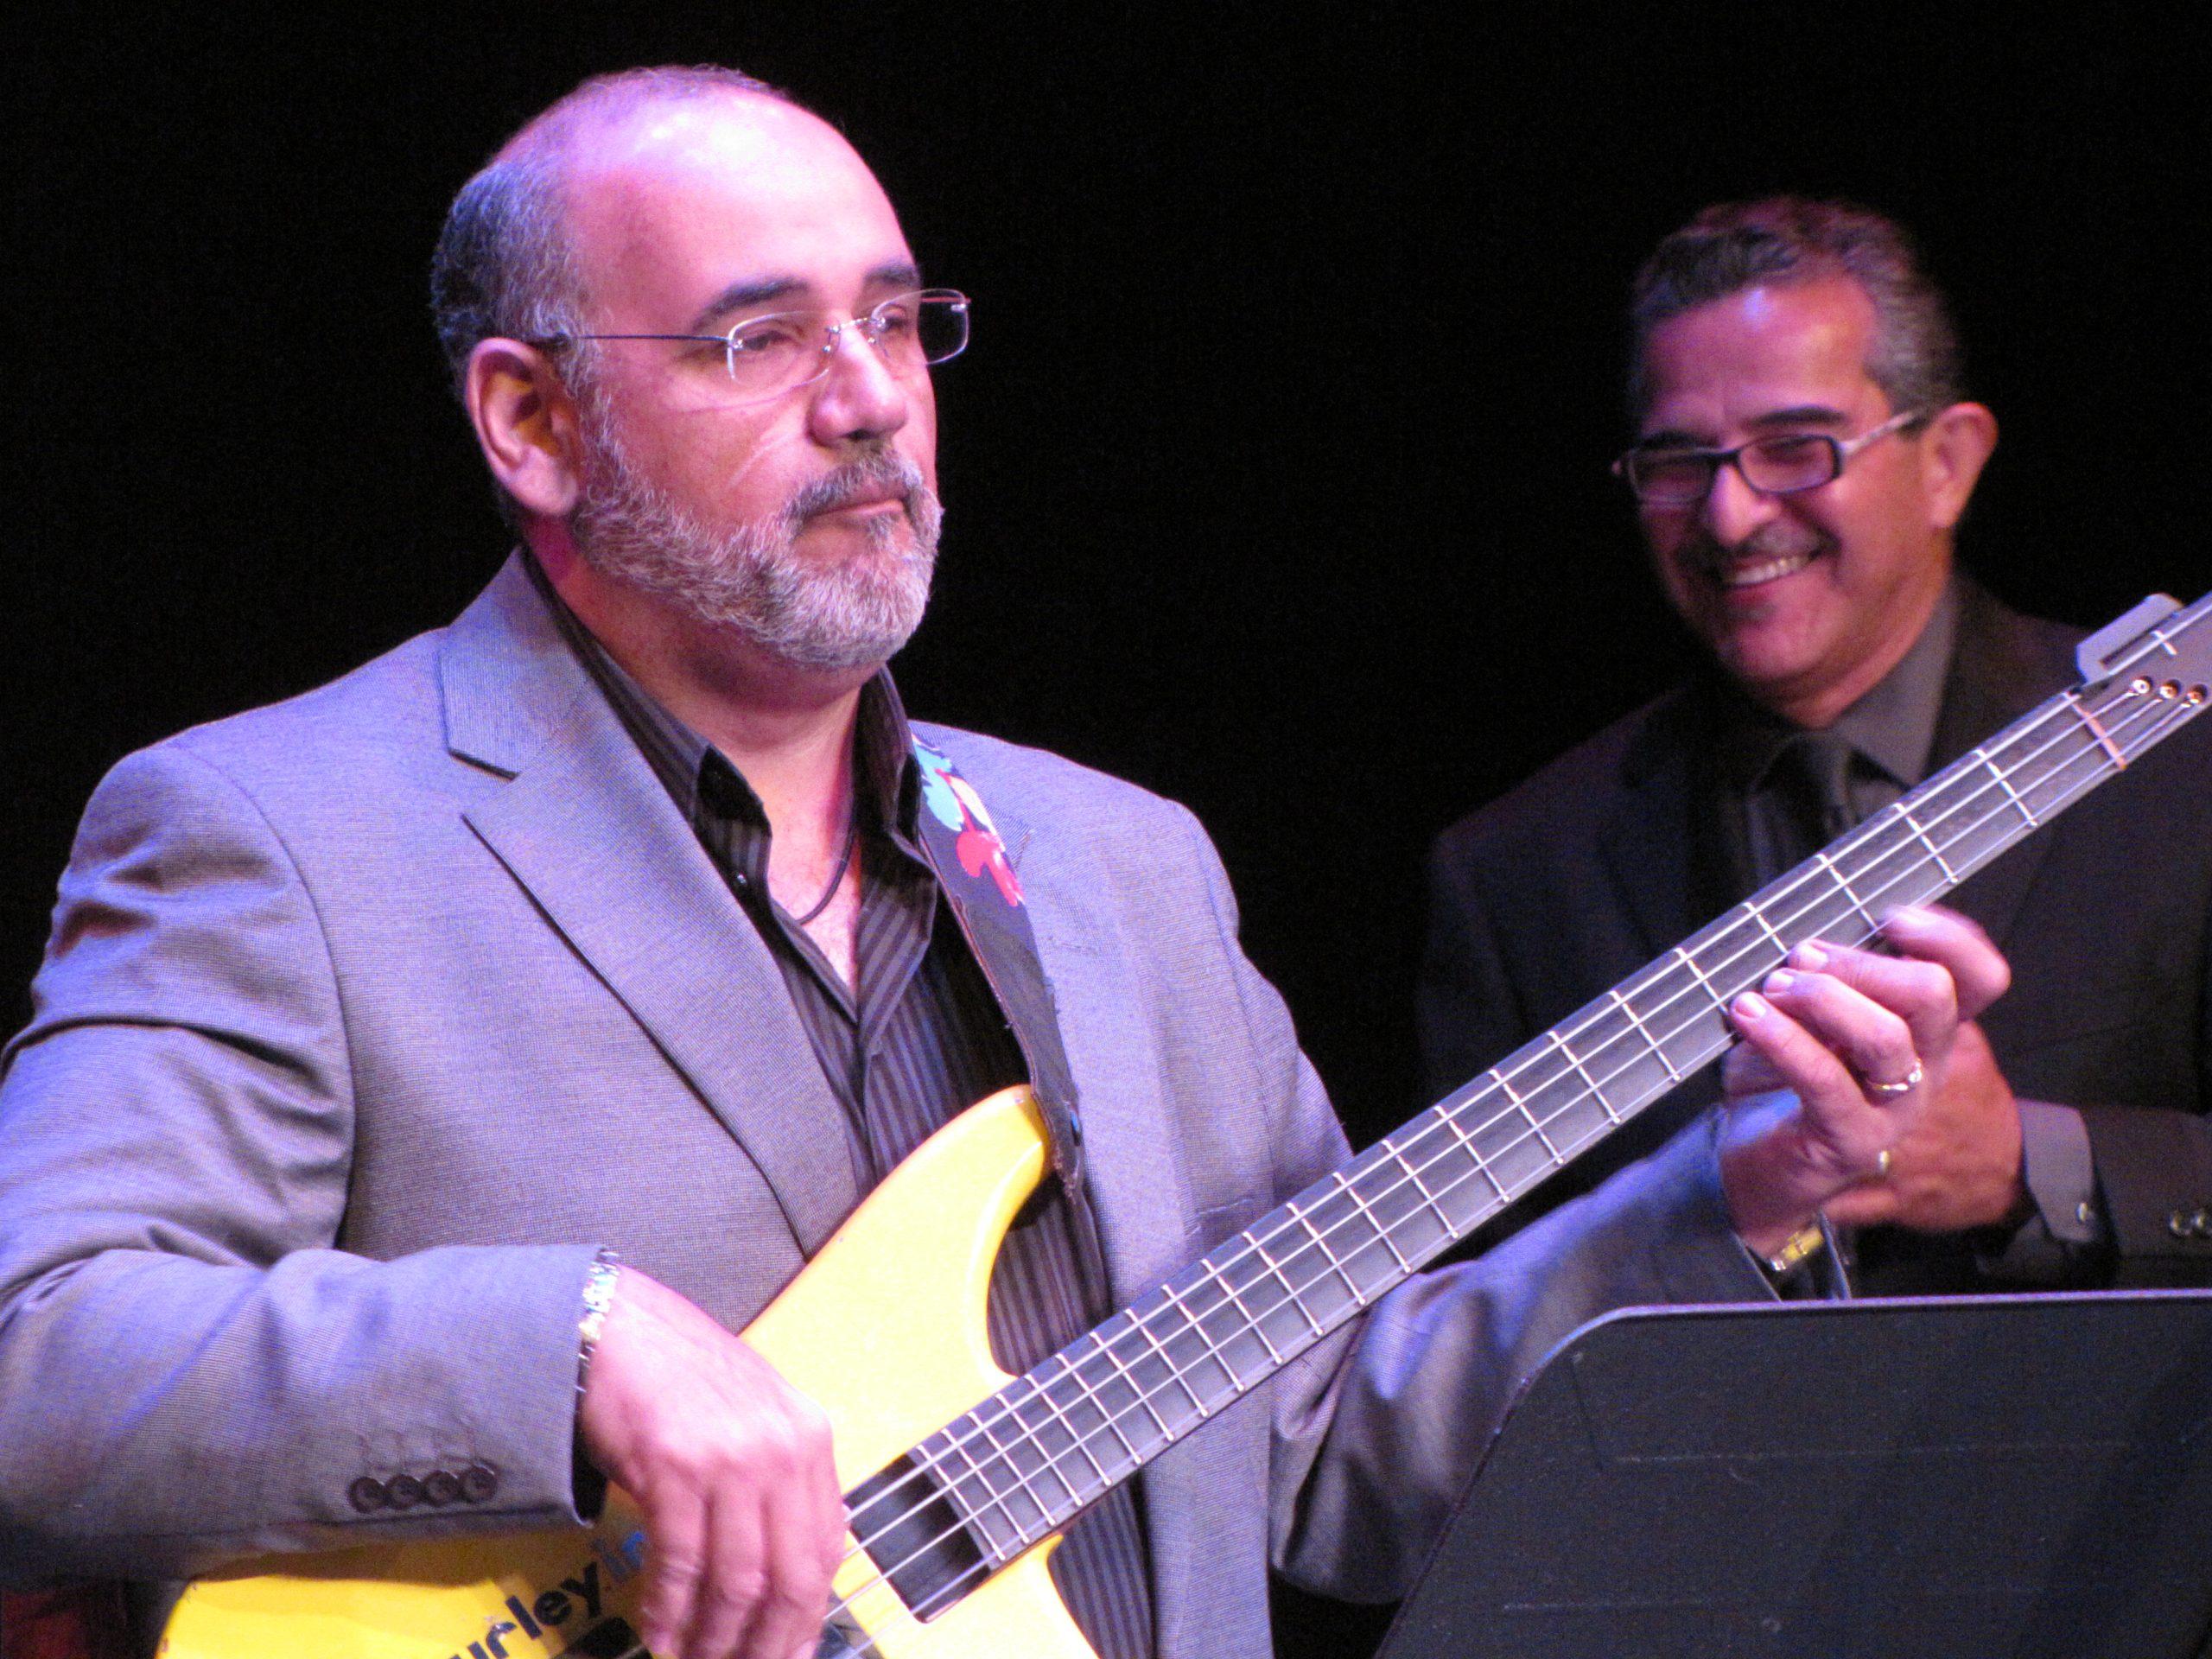 Junior Irizarry comenzó su carrera de forma autodidacta. (Foto Javier Santiago / Fundación Nacional para la Cultura Popular)